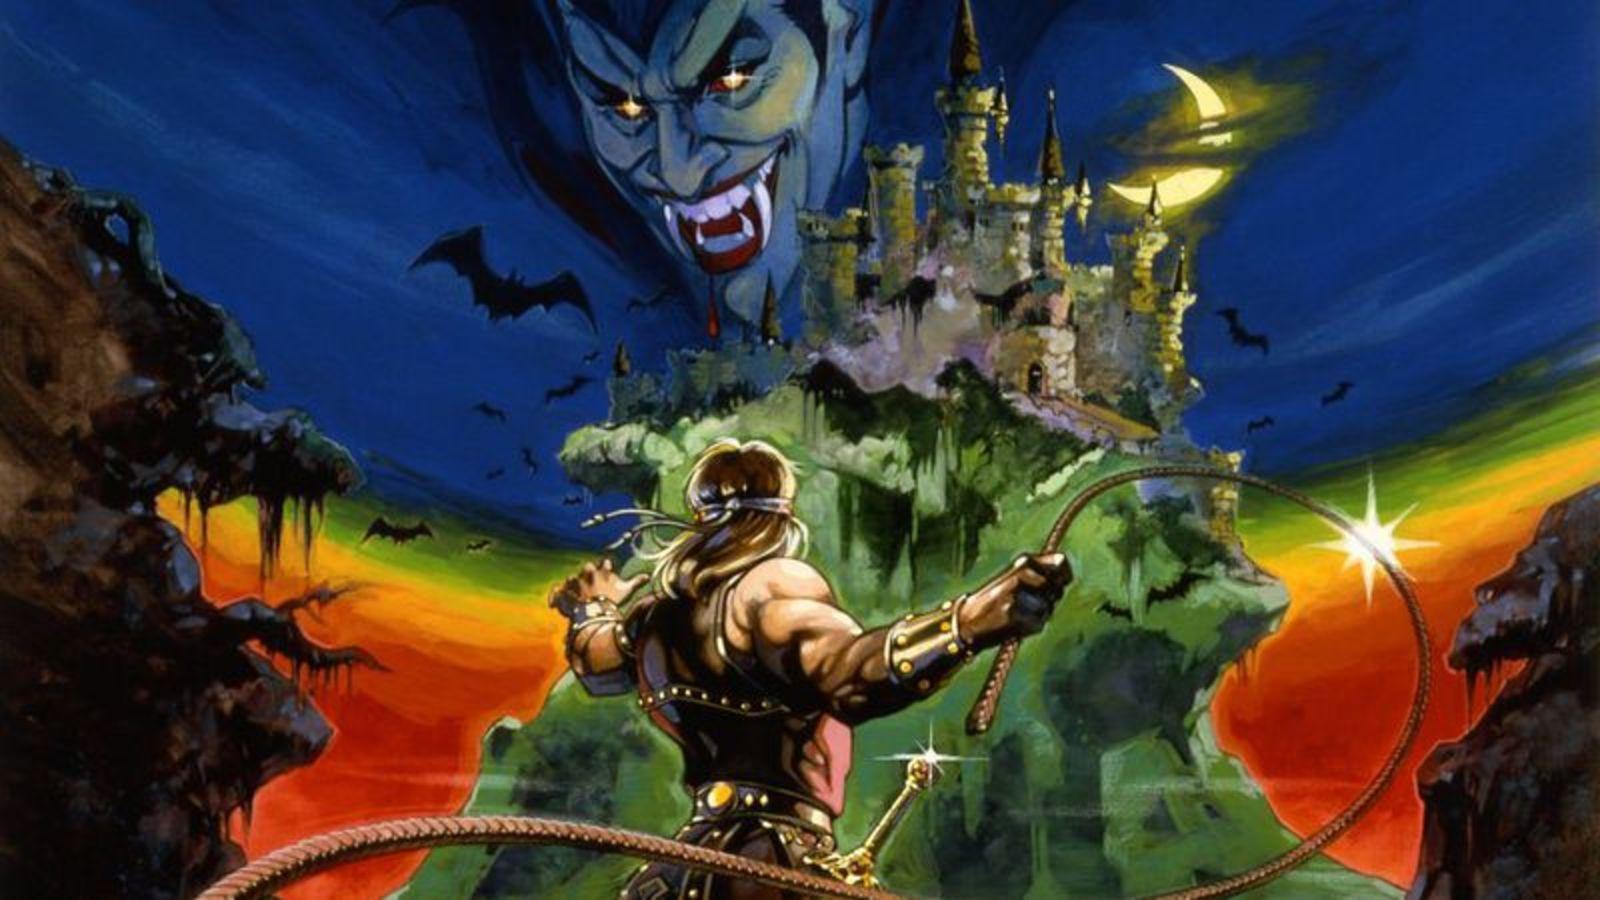 Todos os jogos Castlevania classificados de acordo com Metacritic 3